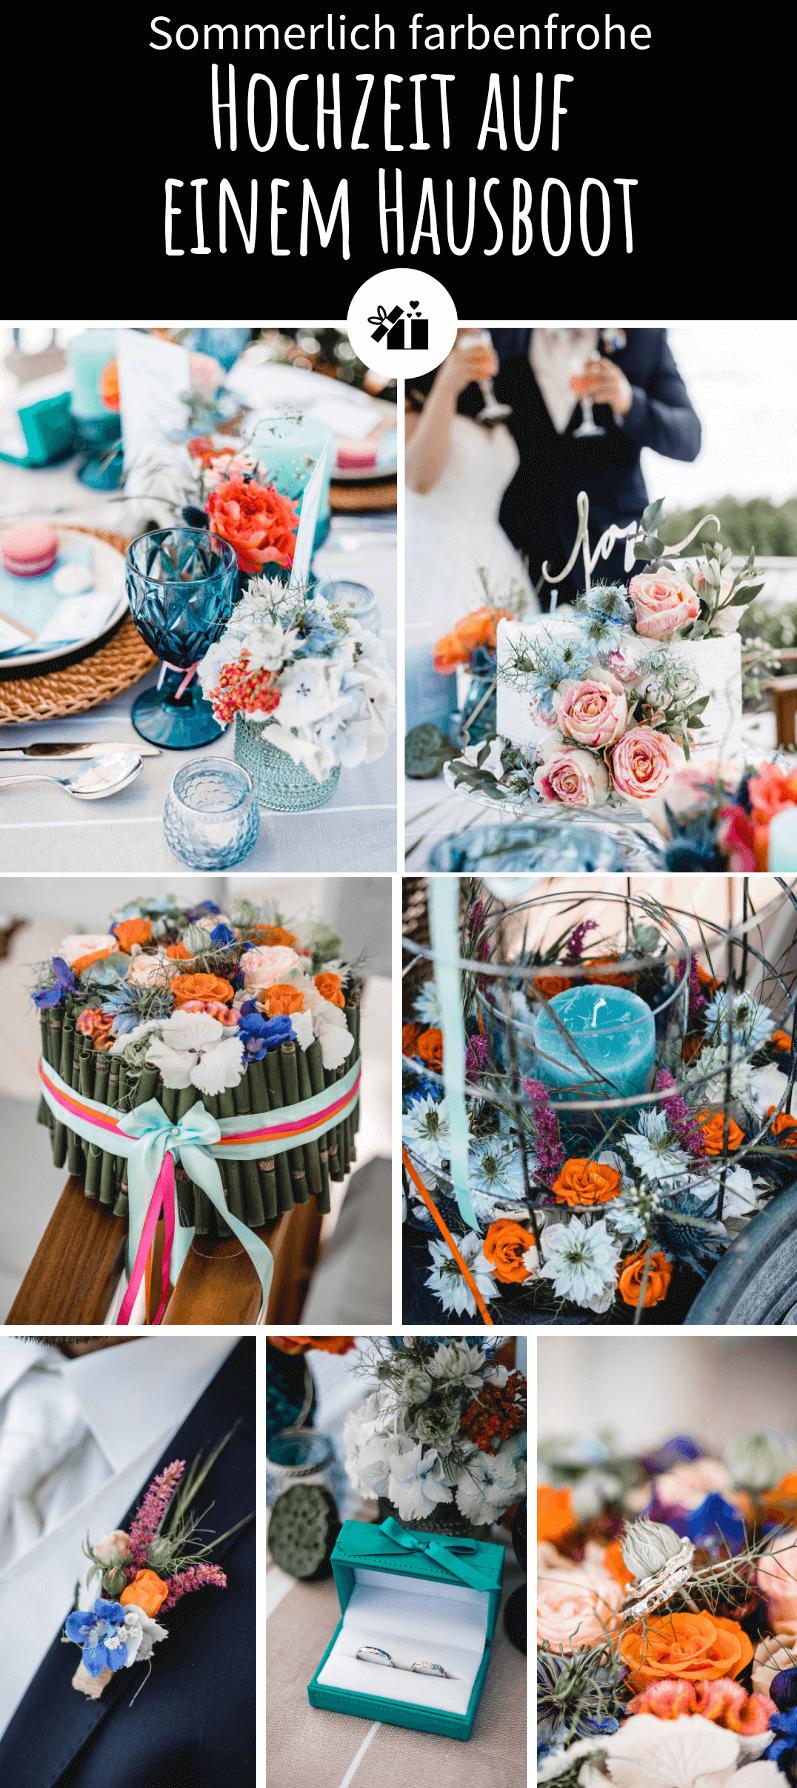 Sommerlich farbenfrohe Hochzeit auf einem Hausboot